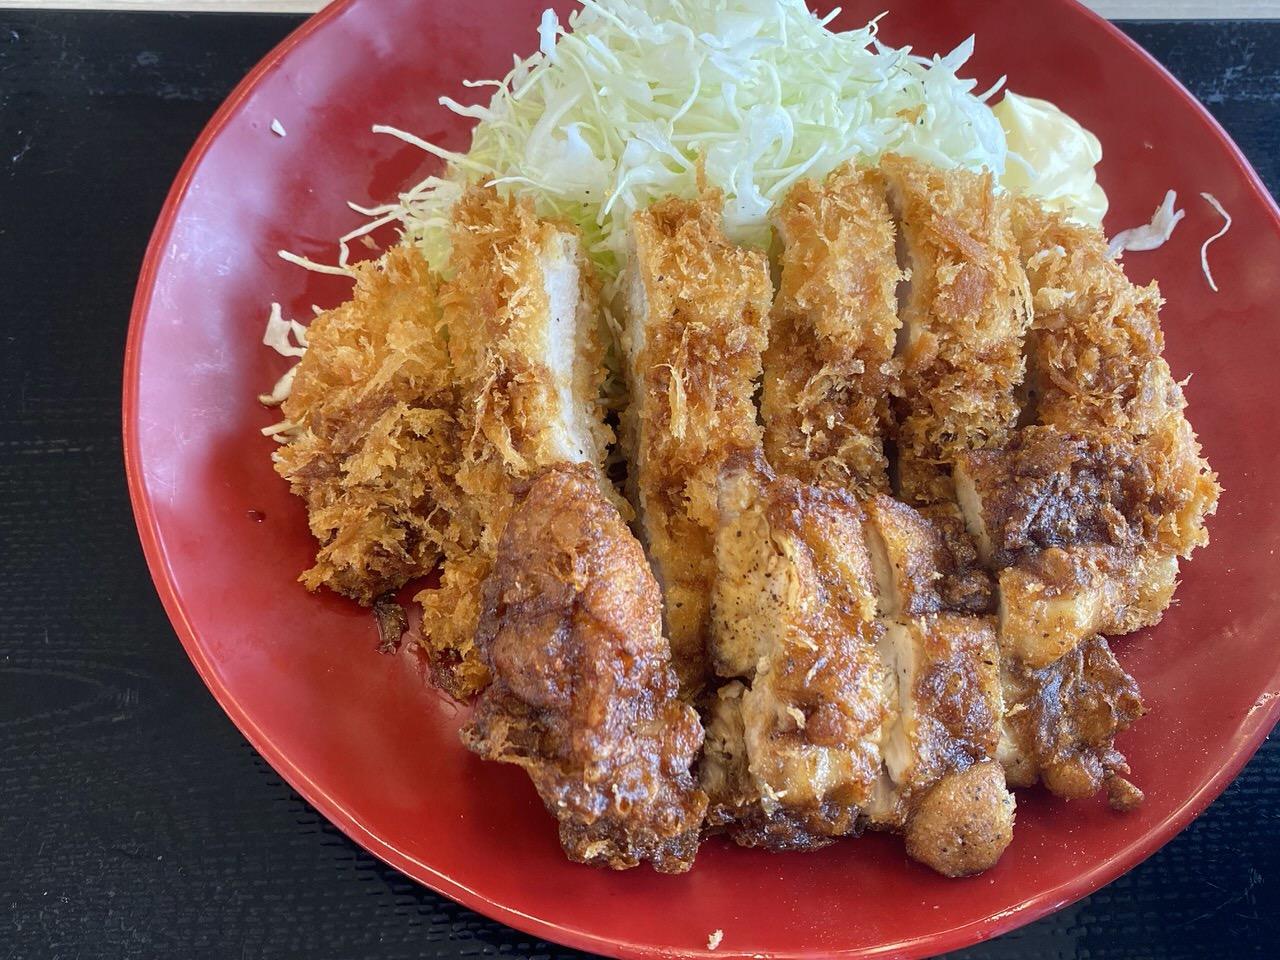 【かつや】夏メニュー「黒胡椒から揚げとチキンカツの合い盛り定食」黒胡椒がピリリと旨い!ボリュームも満点!